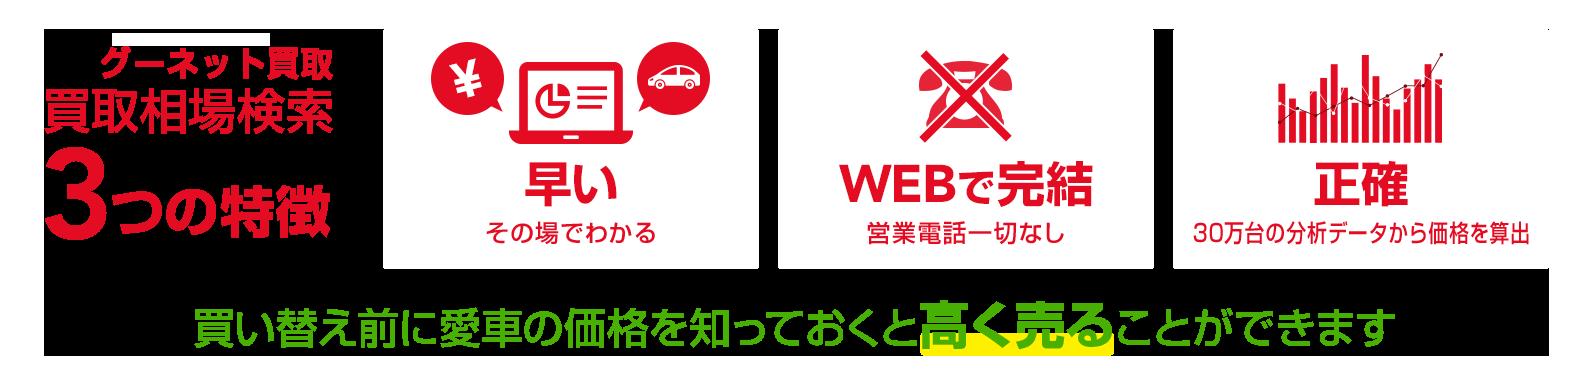 グー買取買取相場検索の3つの特徴「早い」「WEBで完 結」「正確」/買い替え前に愛車の価格を知っておくと高く売ることができます